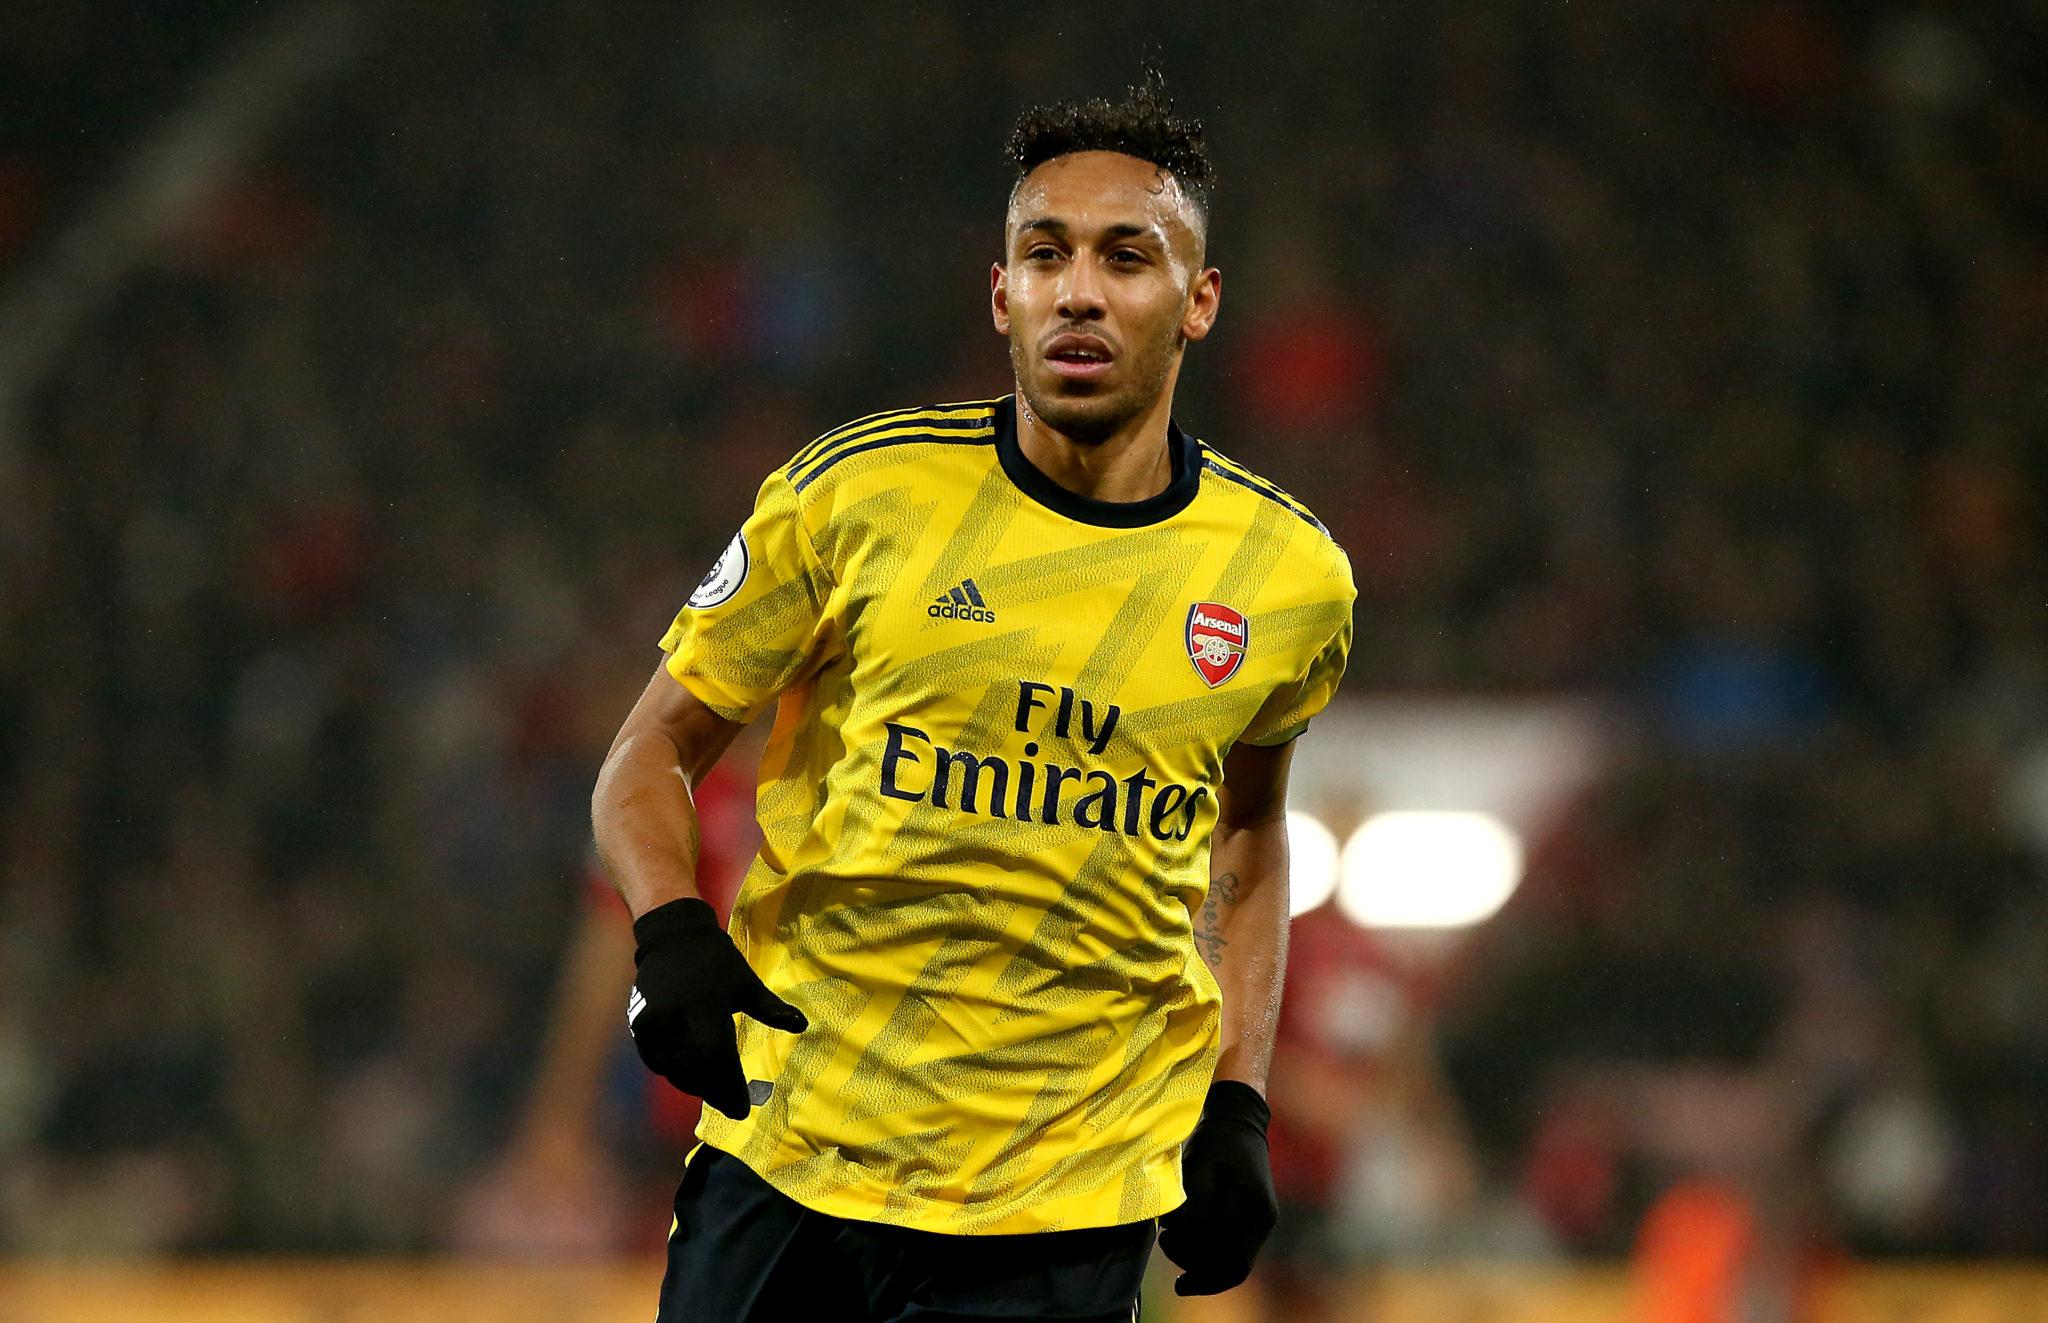 Arsenal striker Aubameyang